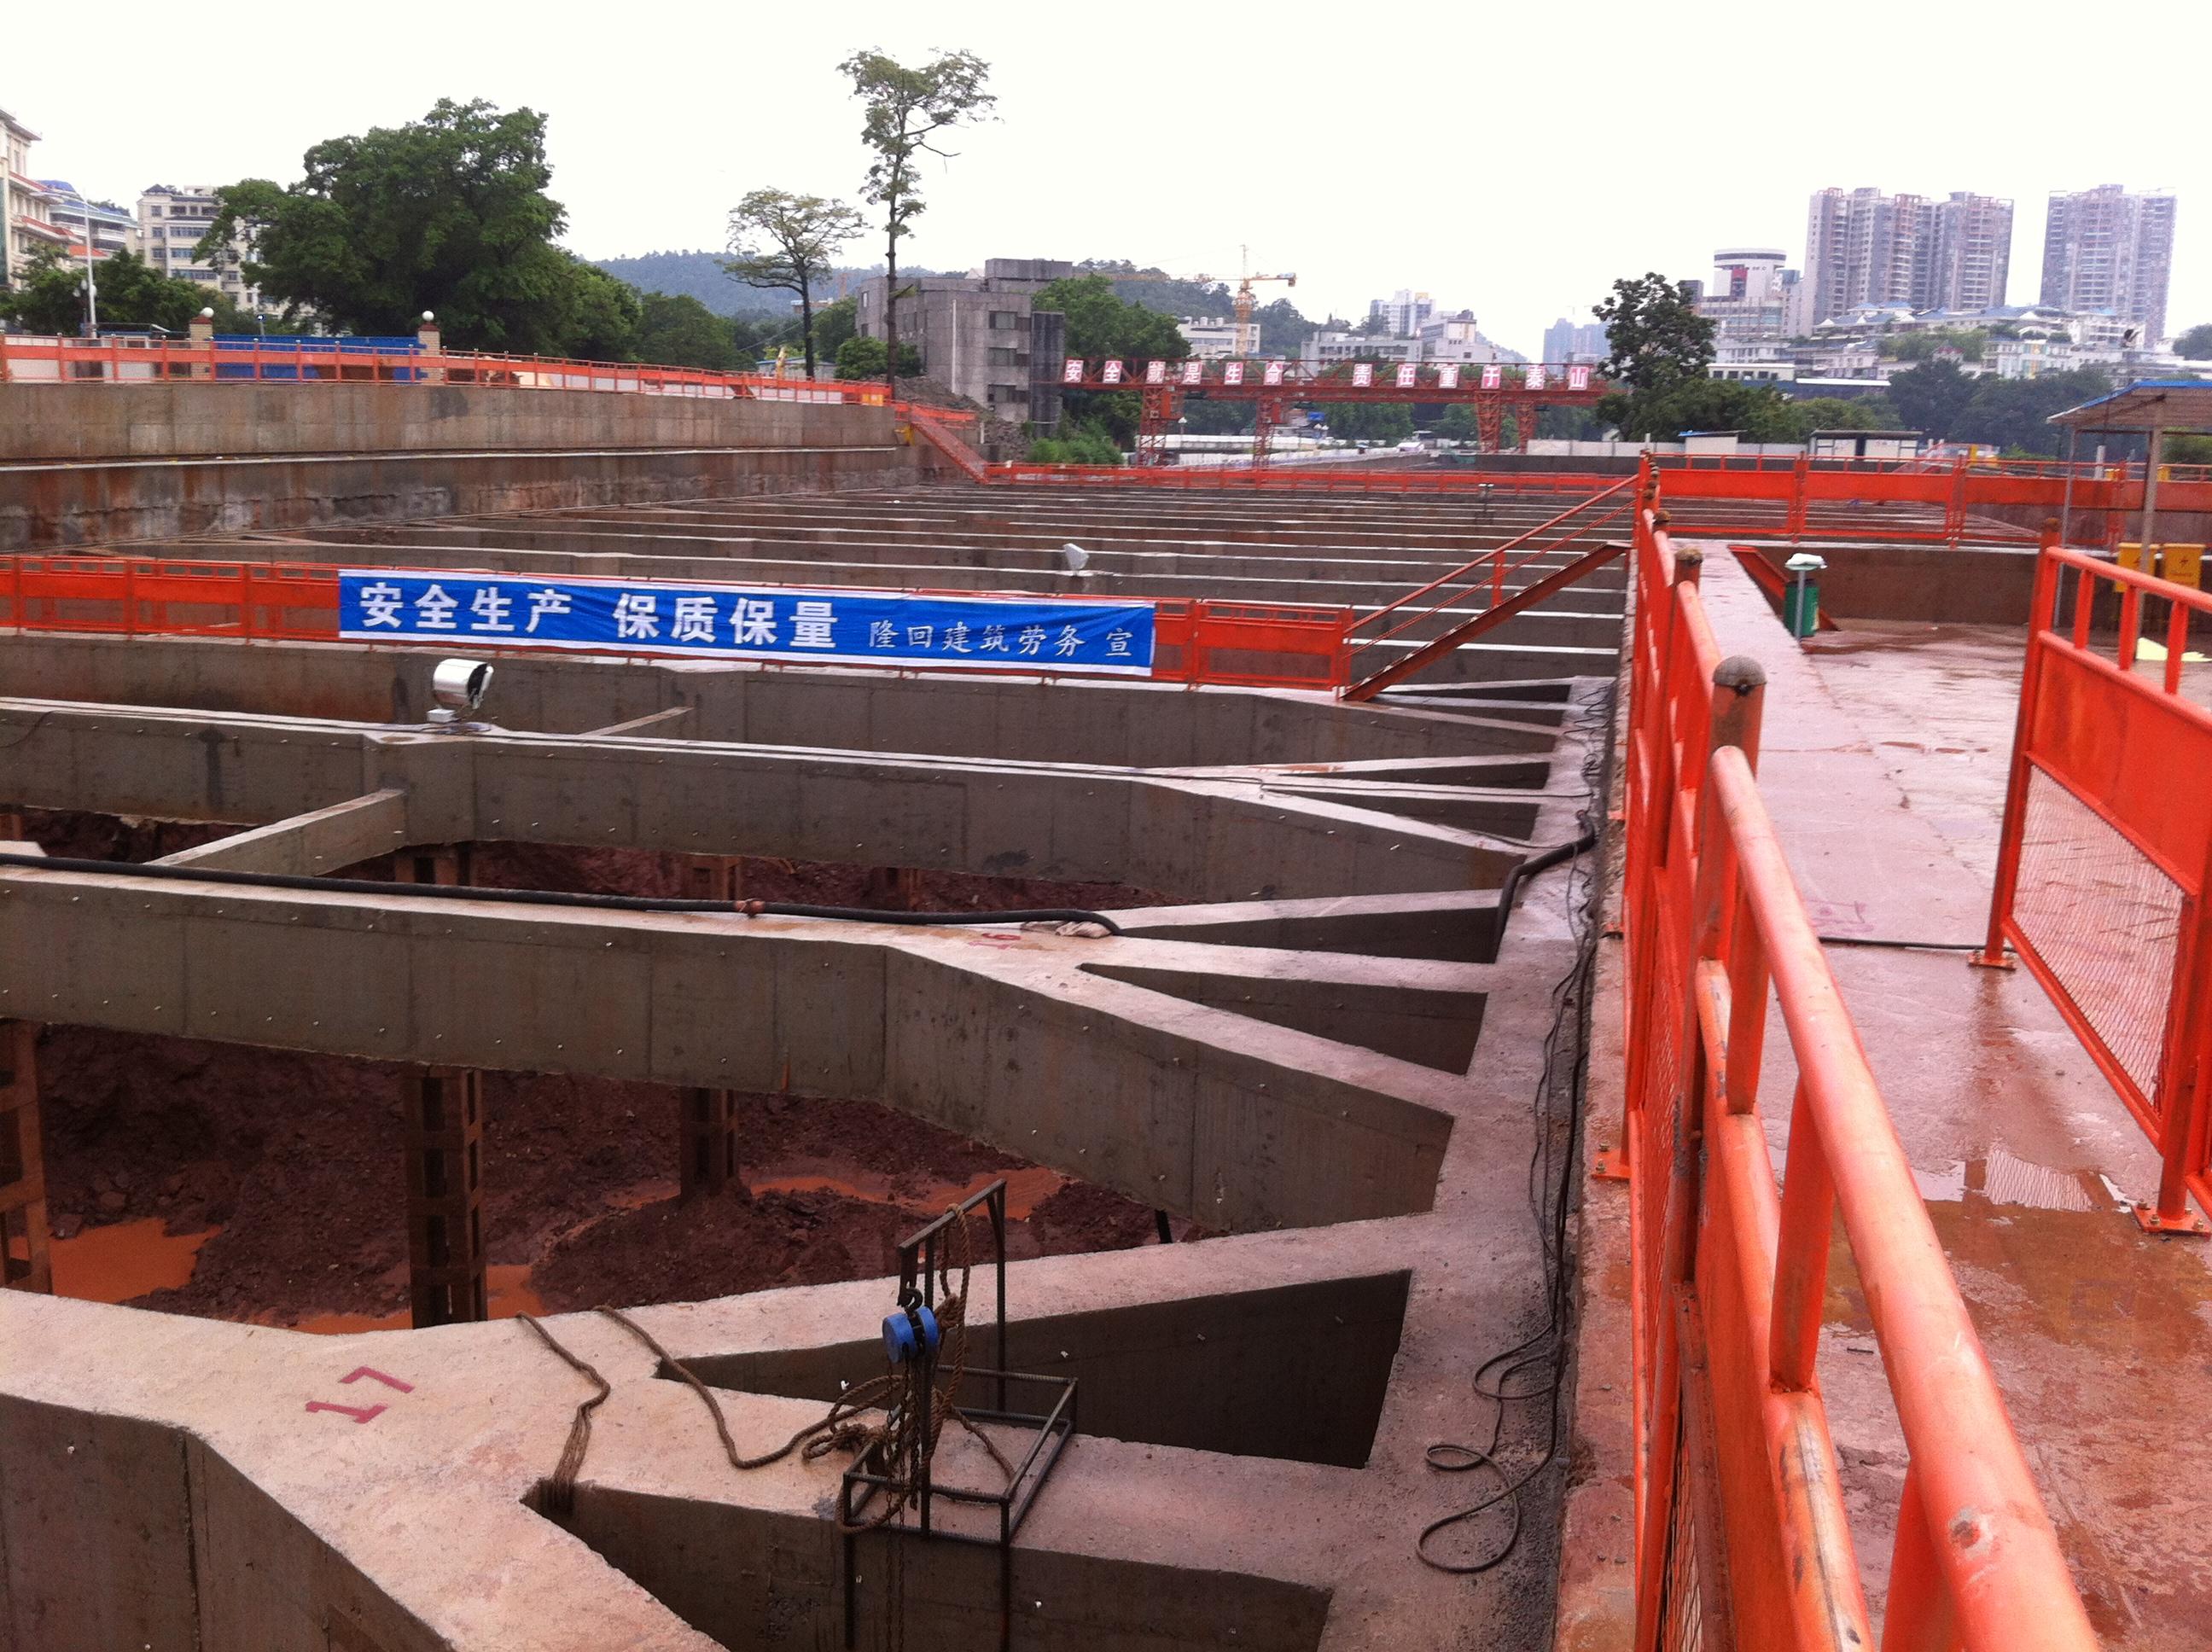 城轨工程展示 (2)